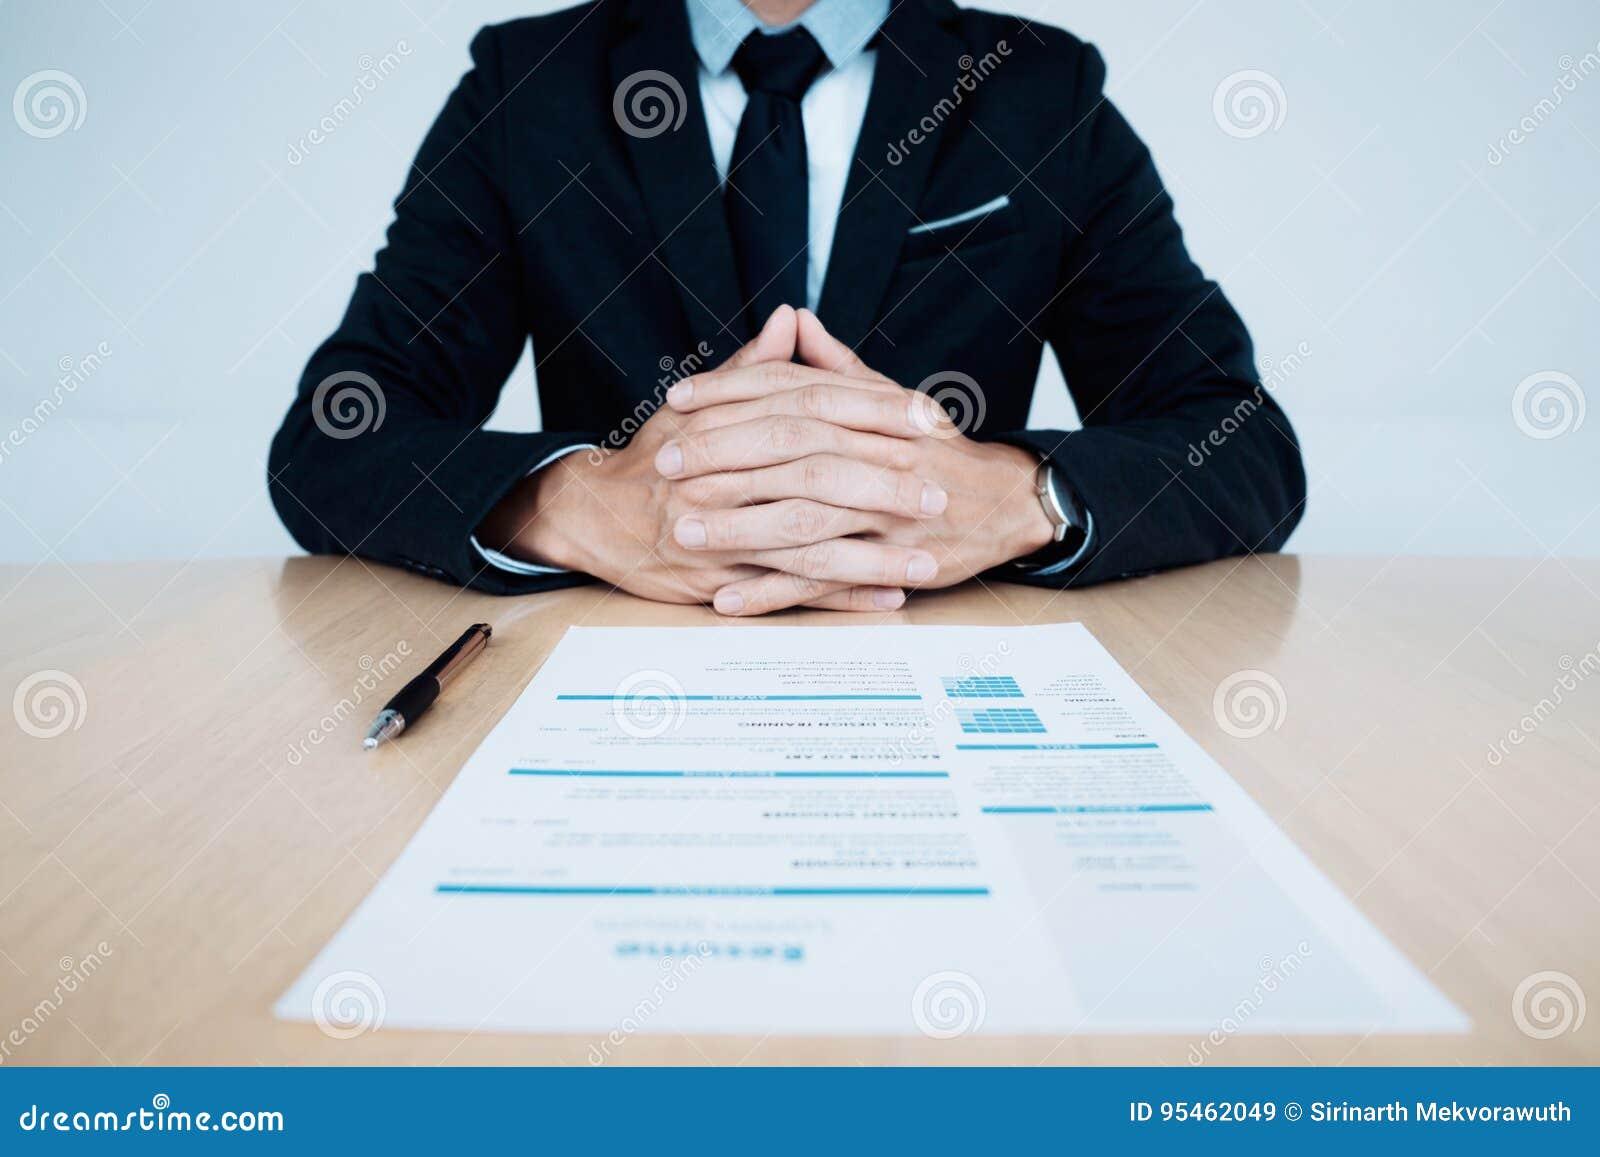 Biznesowy akcydensowy wywiad HR i życiorys wnioskodawca na stole